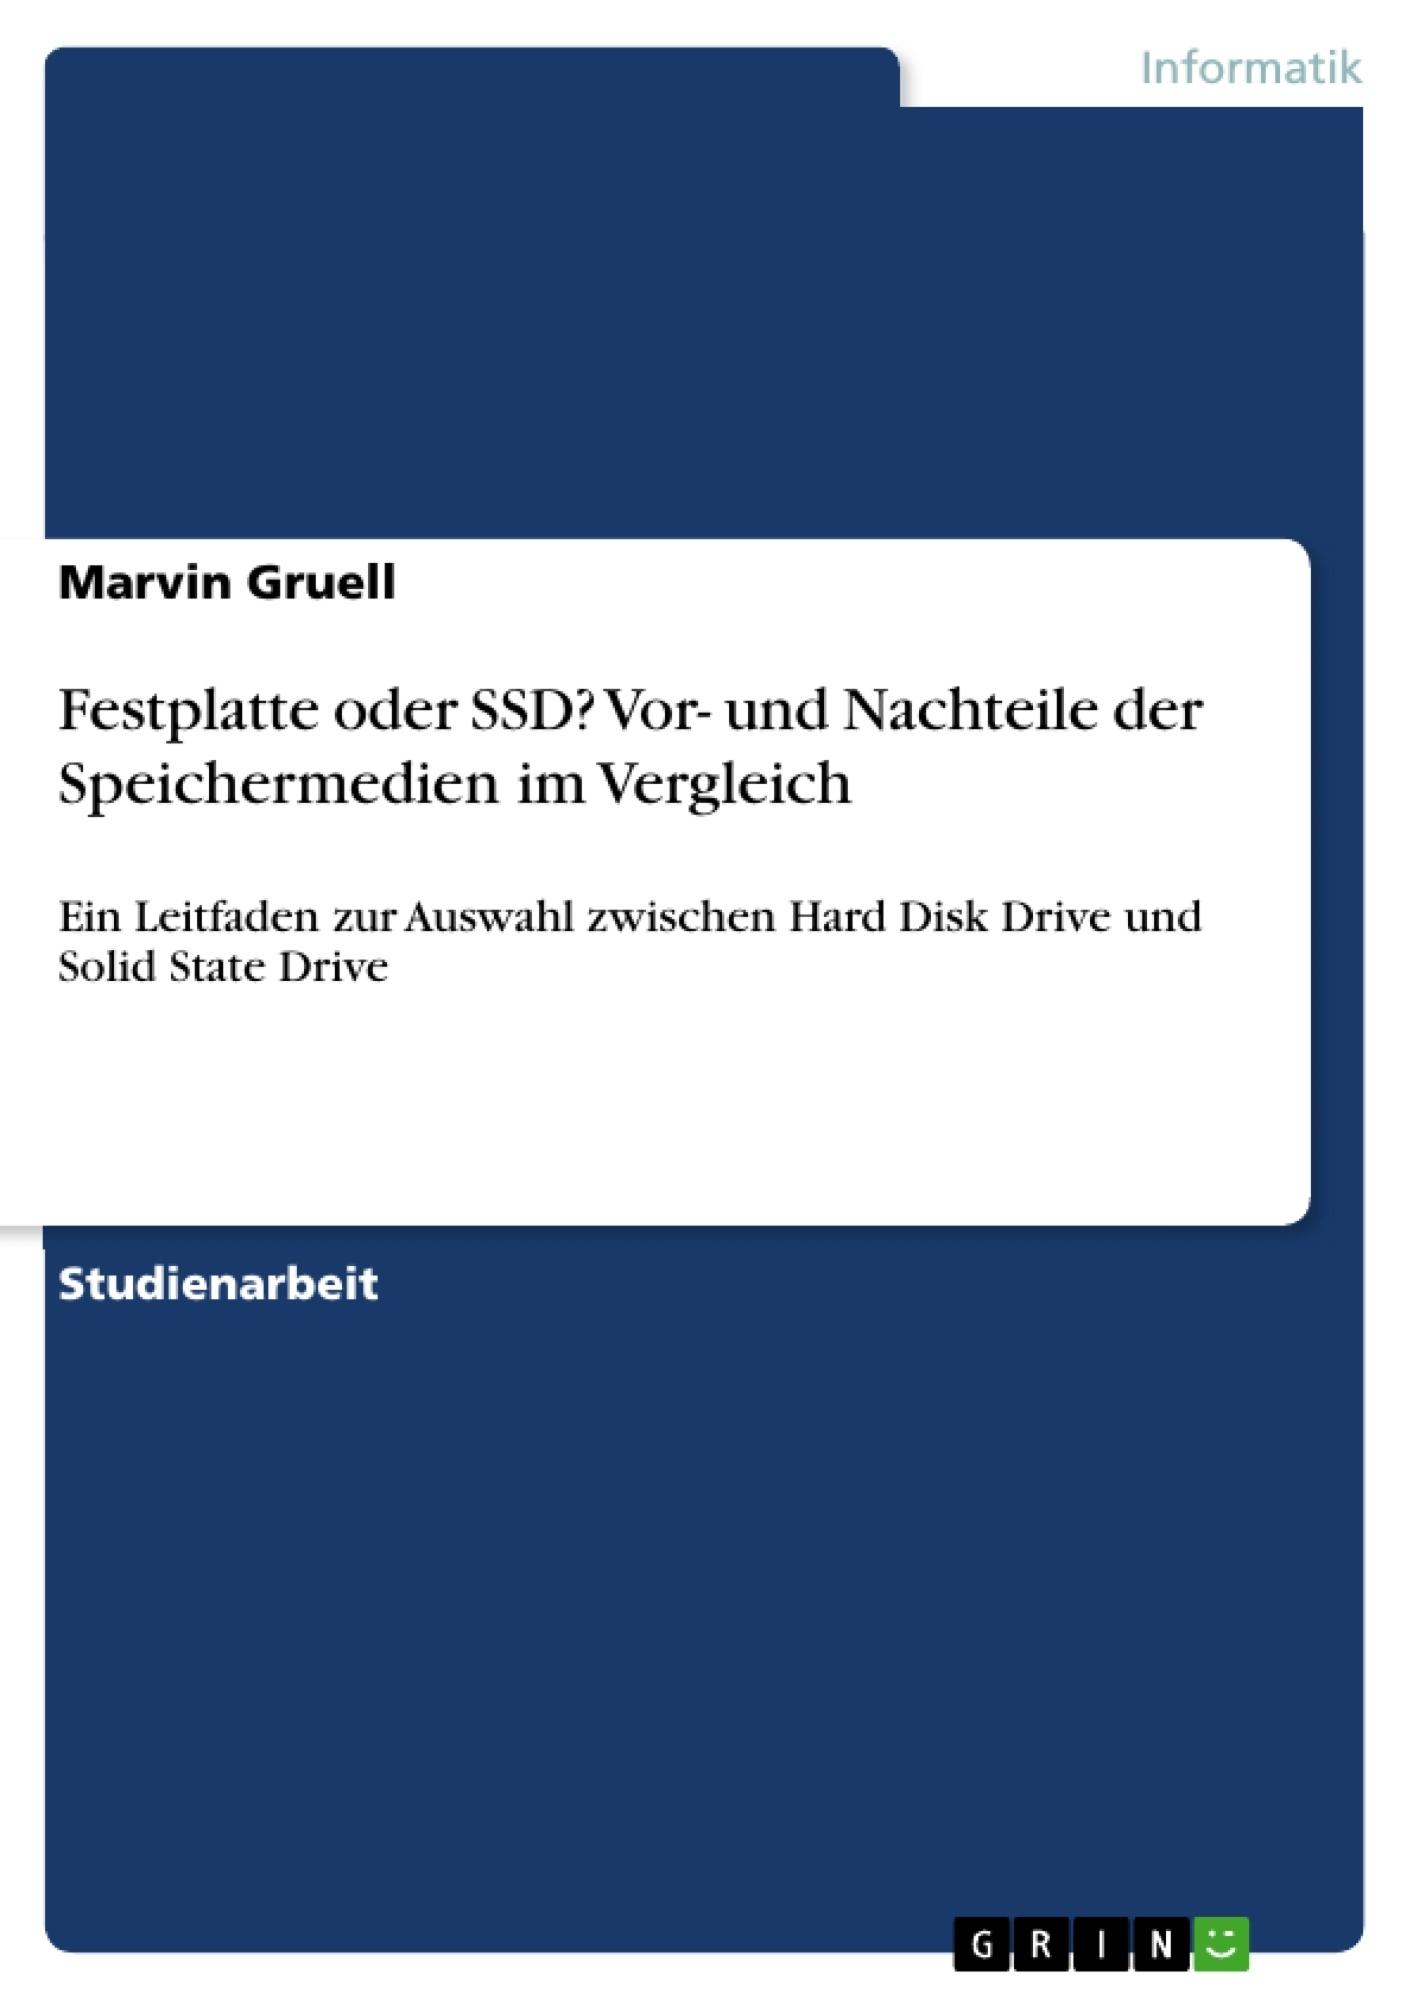 Titel: Festplatte oder SSD? Vor- und Nachteile der Speichermedien im Vergleich